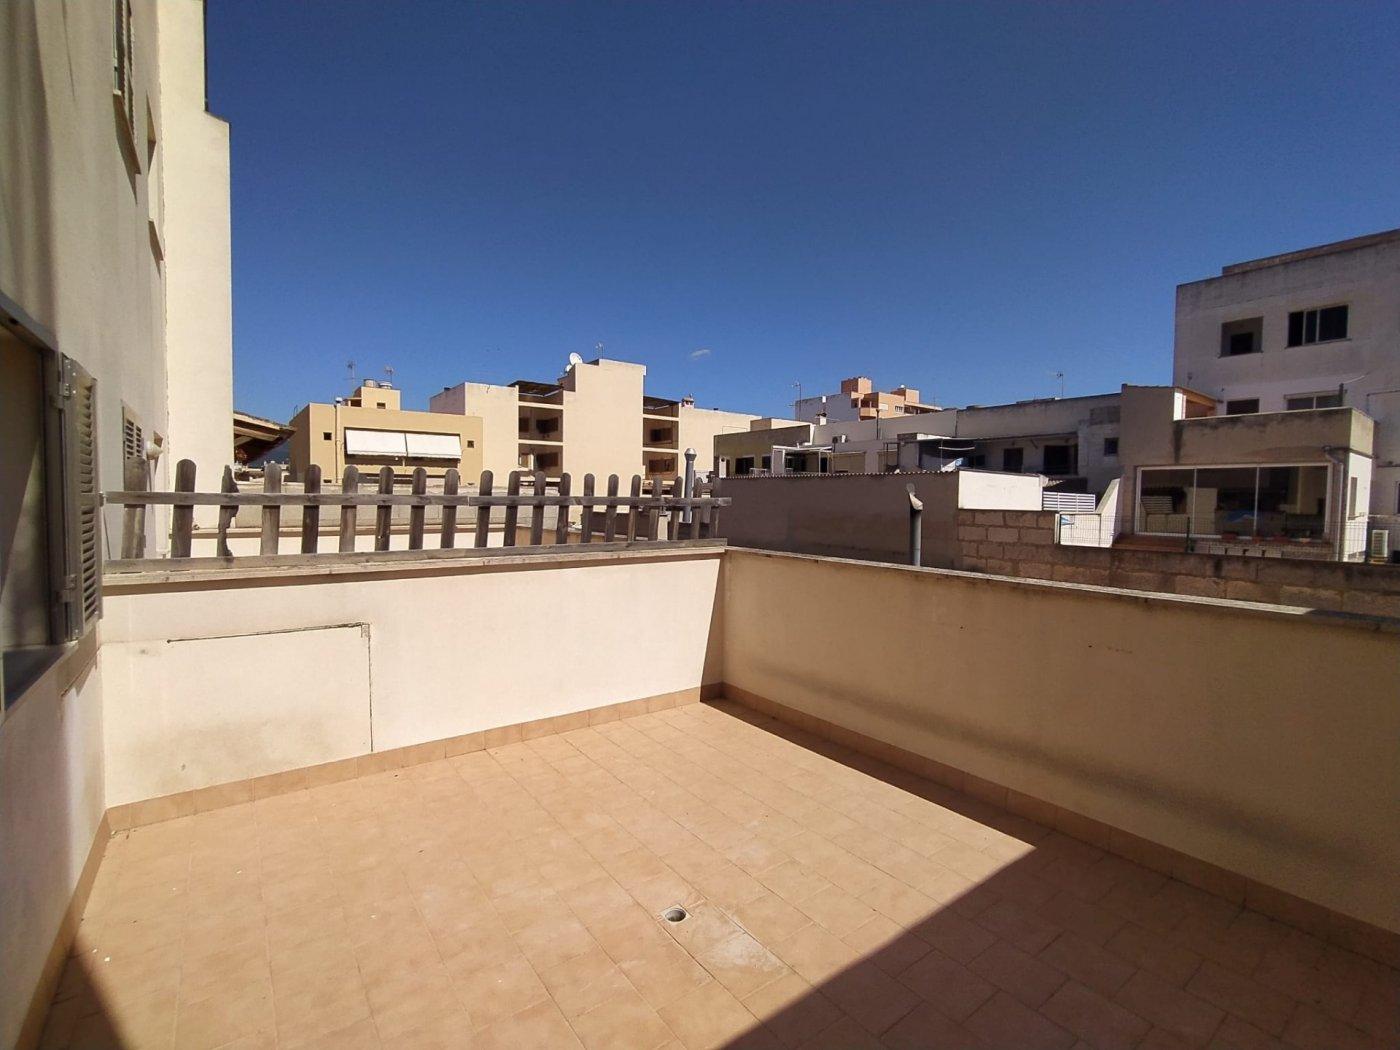 Miete Etagenwohnung  Carrer de la justícia. Alquiler de piso  con terraza en inca, zona cristo rey.